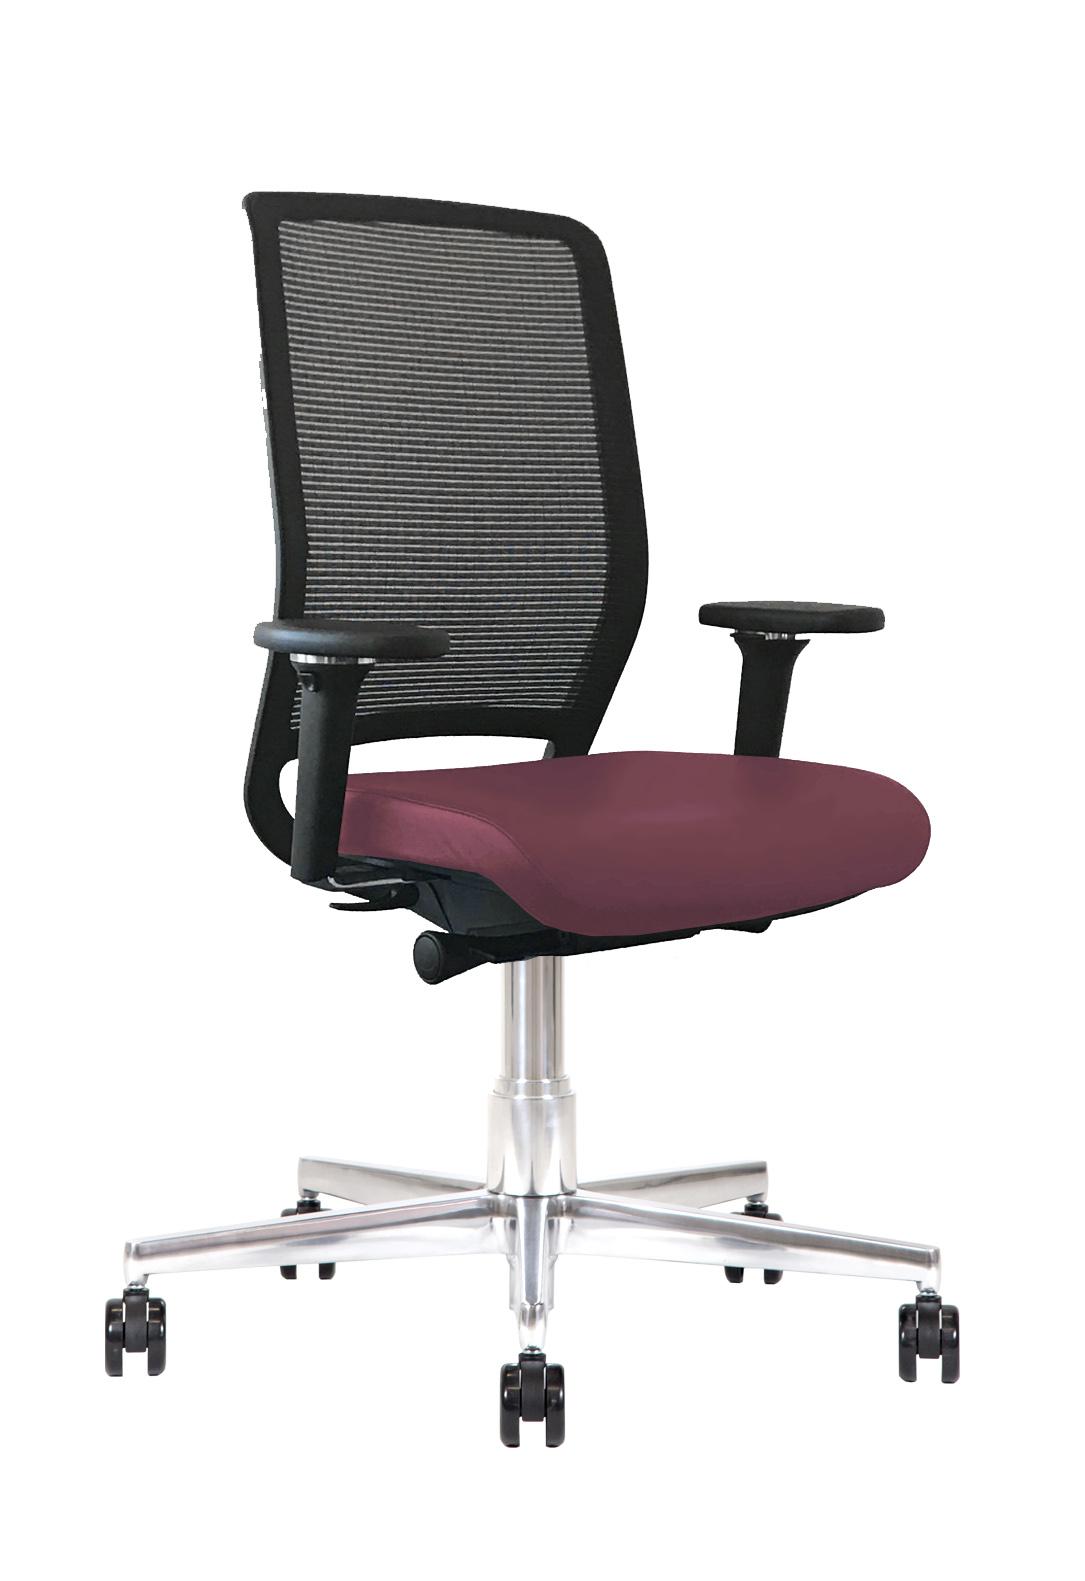 Sedia ufficio manageriale pelle Kleos BB214